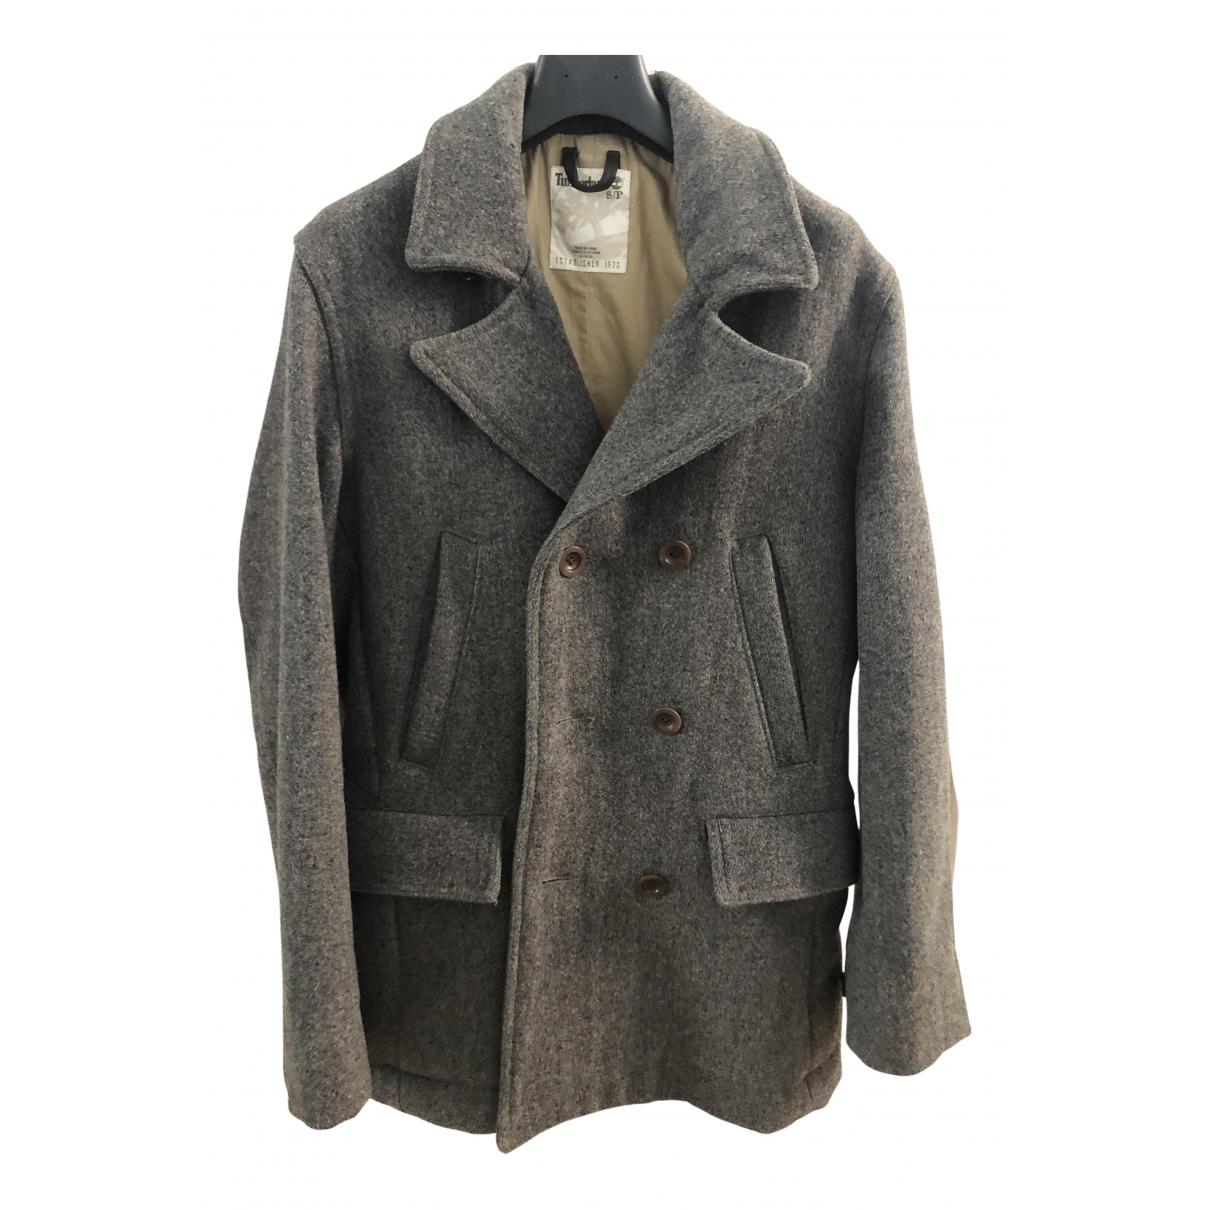 Timberland - Manteau   pour homme en laine - gris